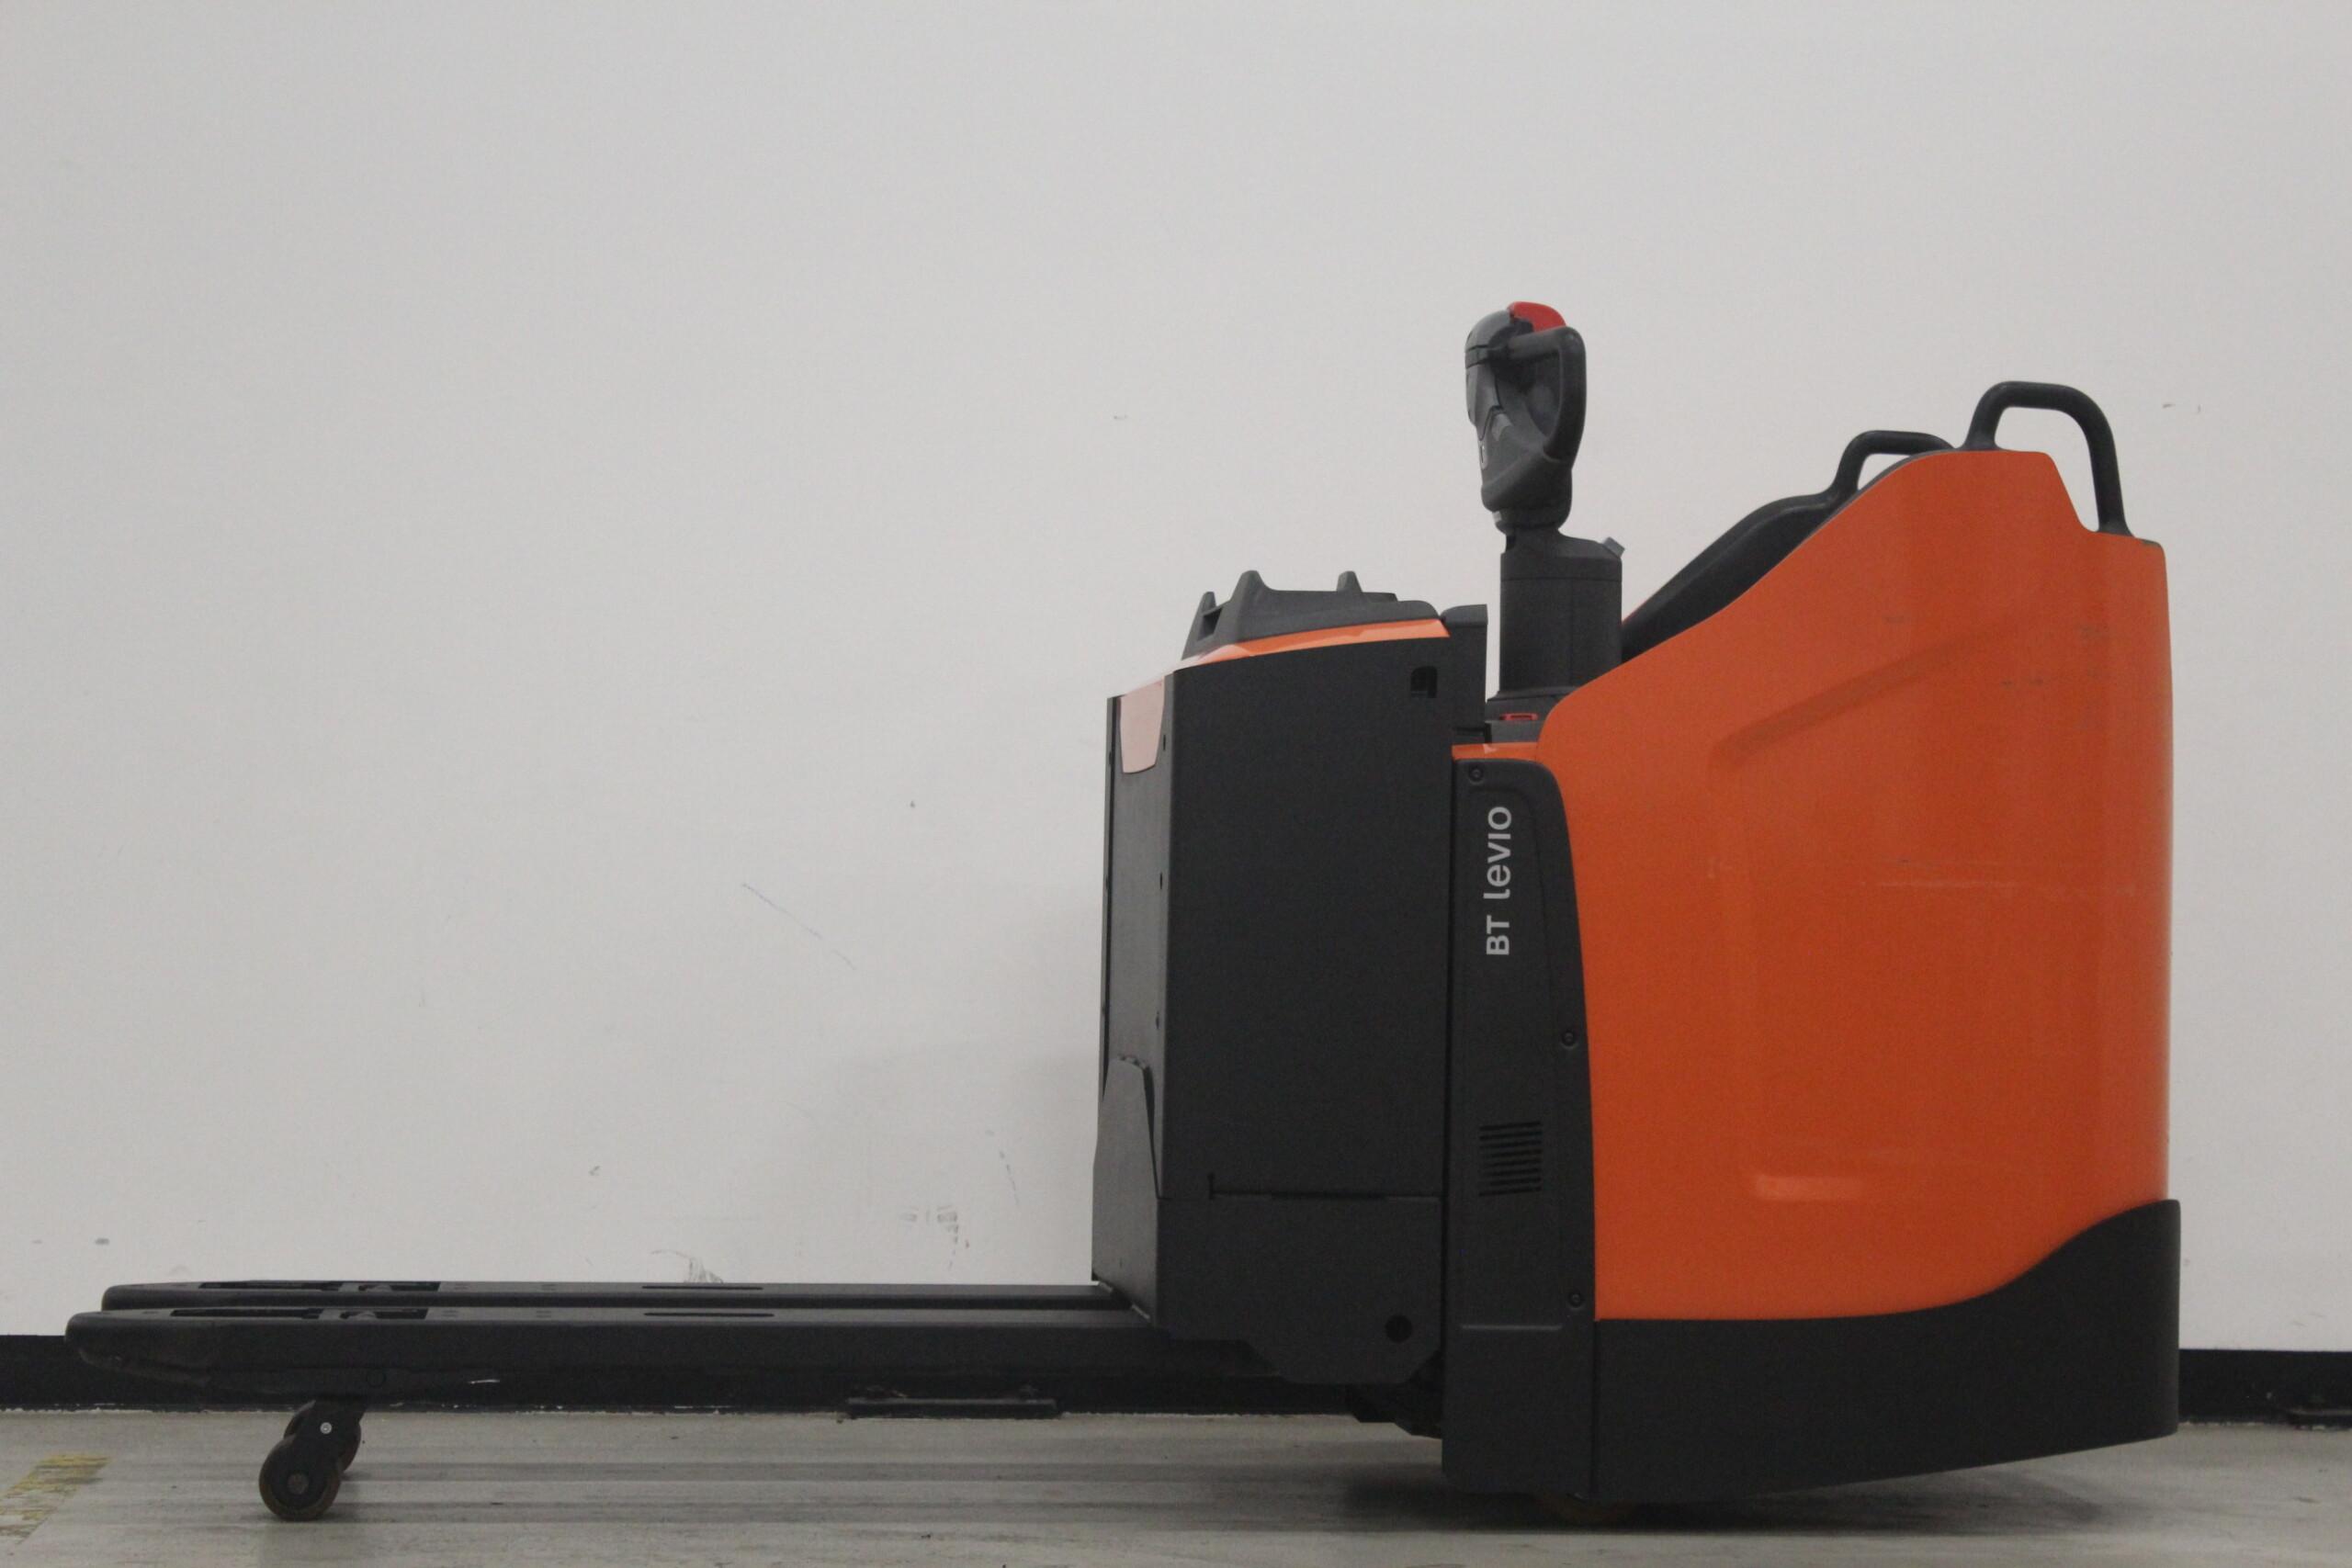 Toyota-Gabelstapler-59840 2001025085 1 10 scaled